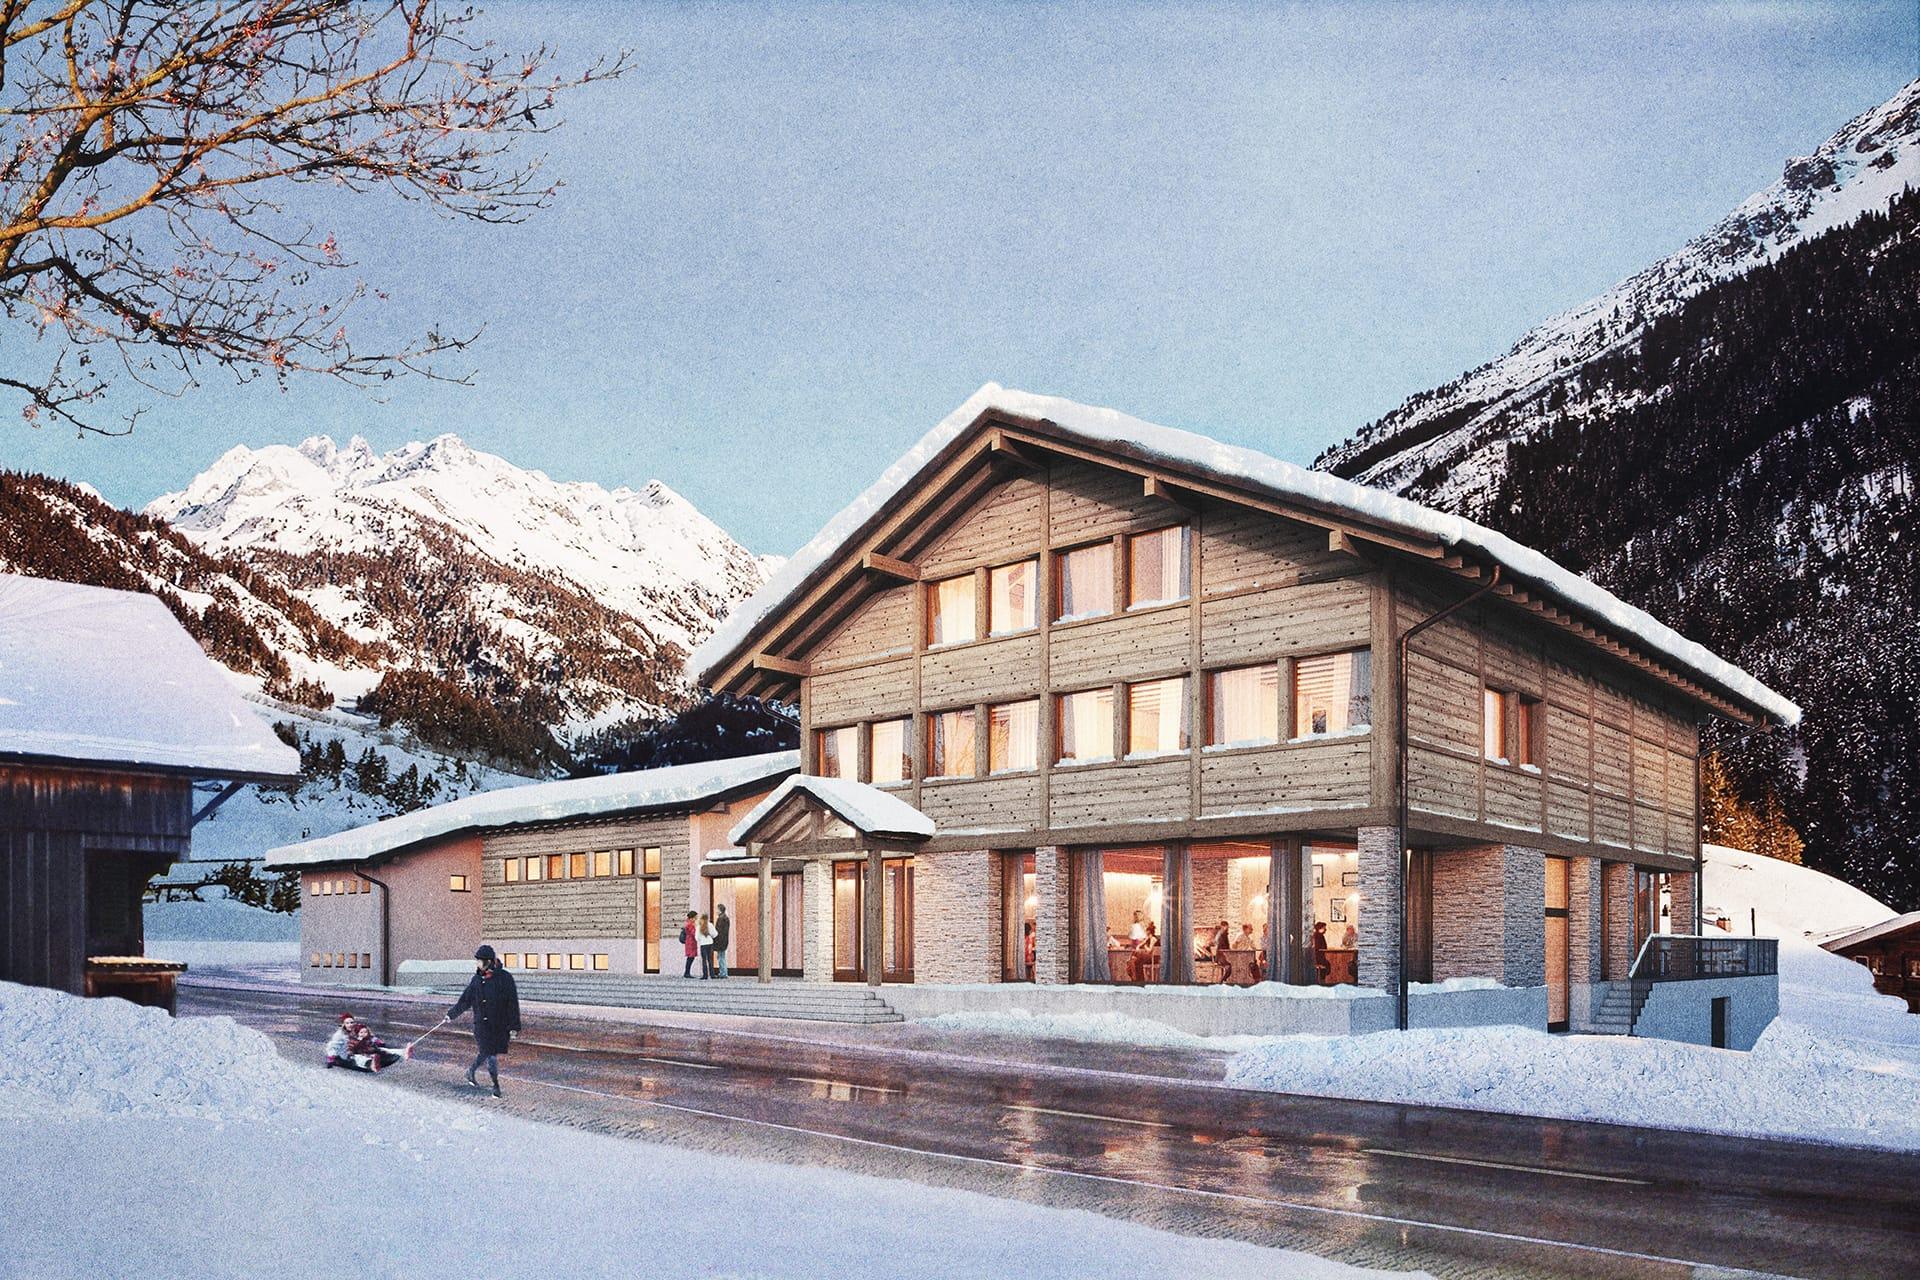 Das Projekt Gadmer Lodge in Frontansicht.